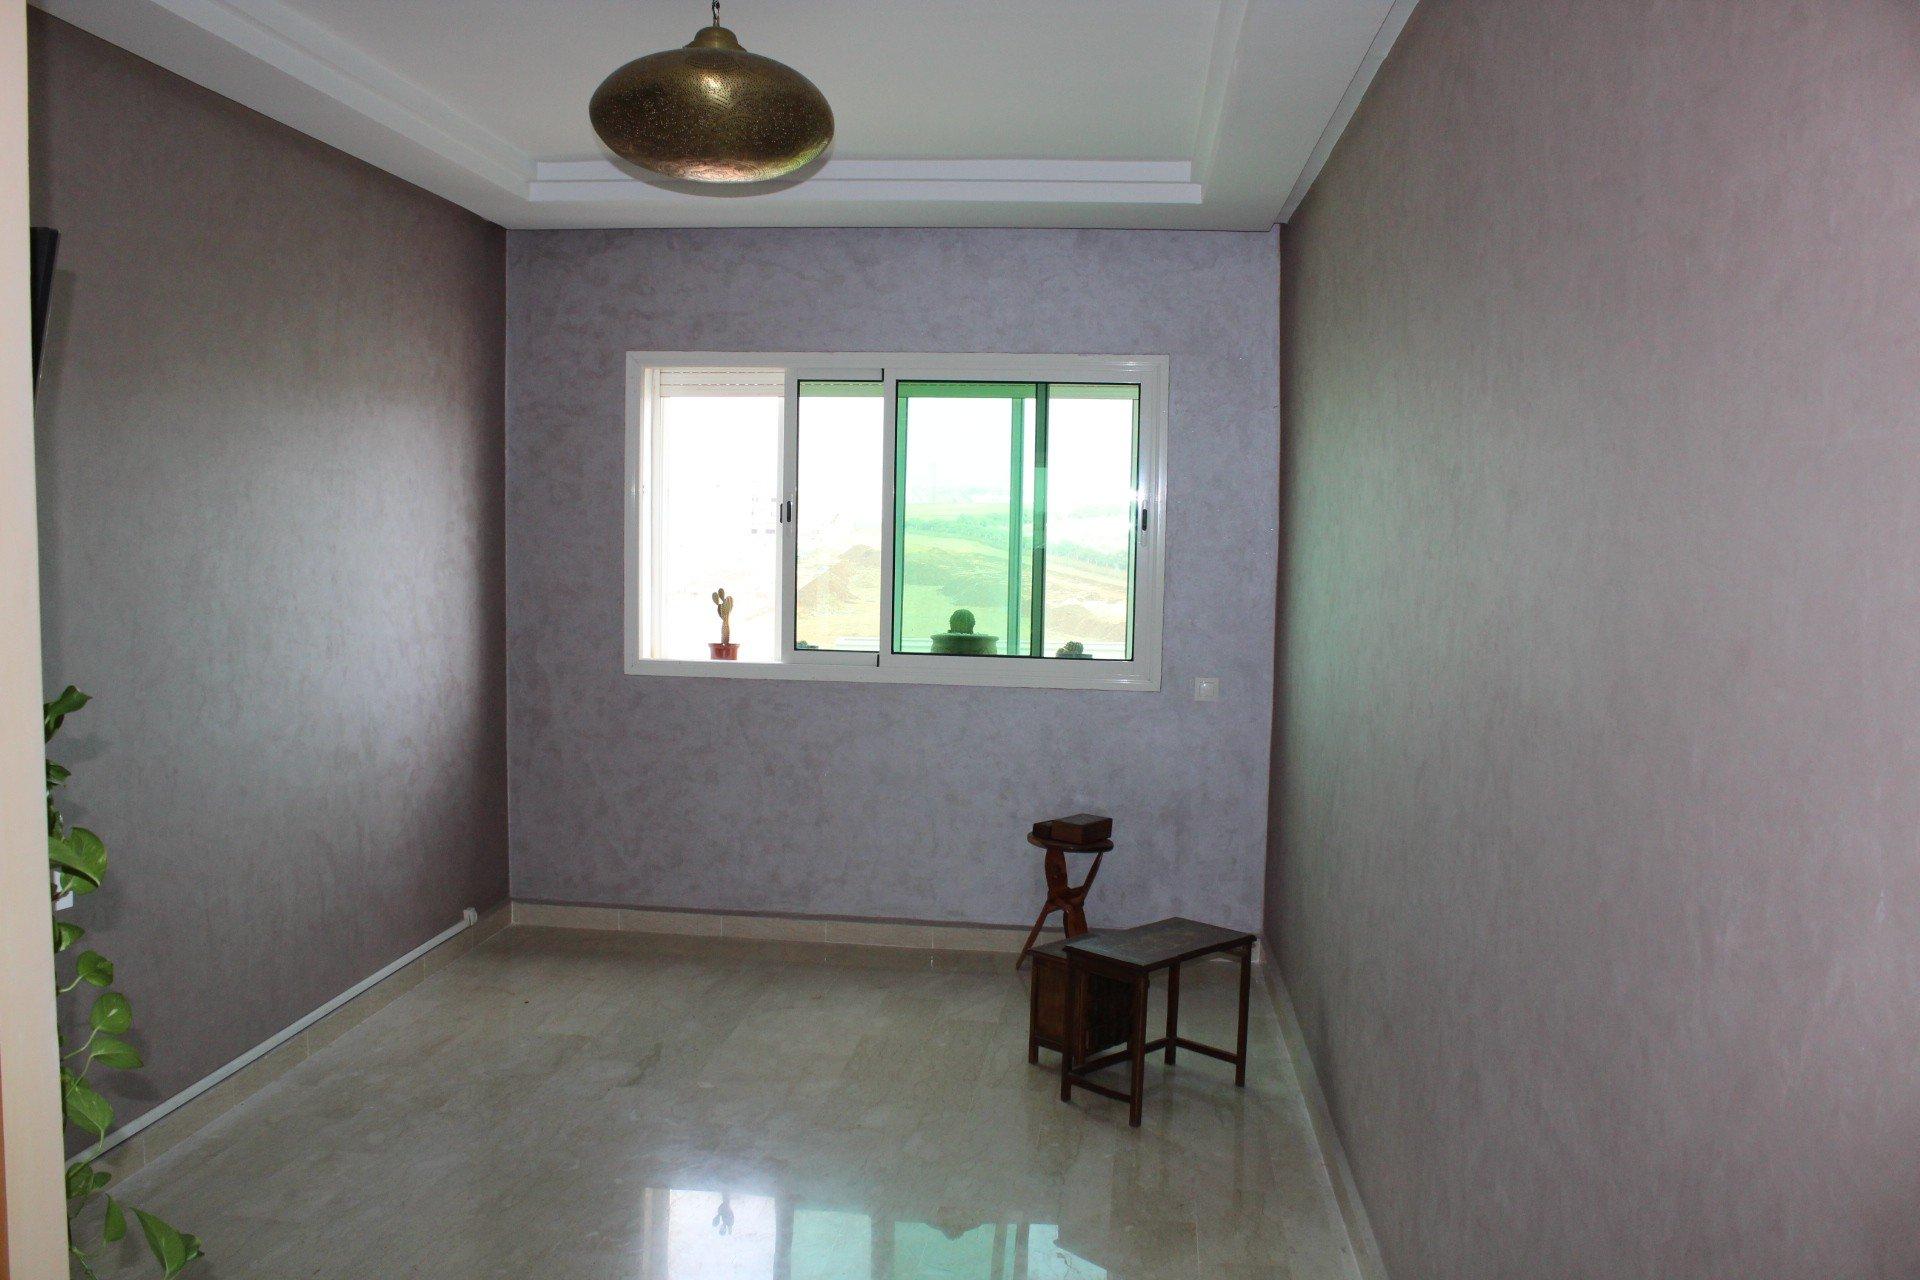 A louer, Casablanca, appartement de standing, offrant de belles prestations et agréable à vivre